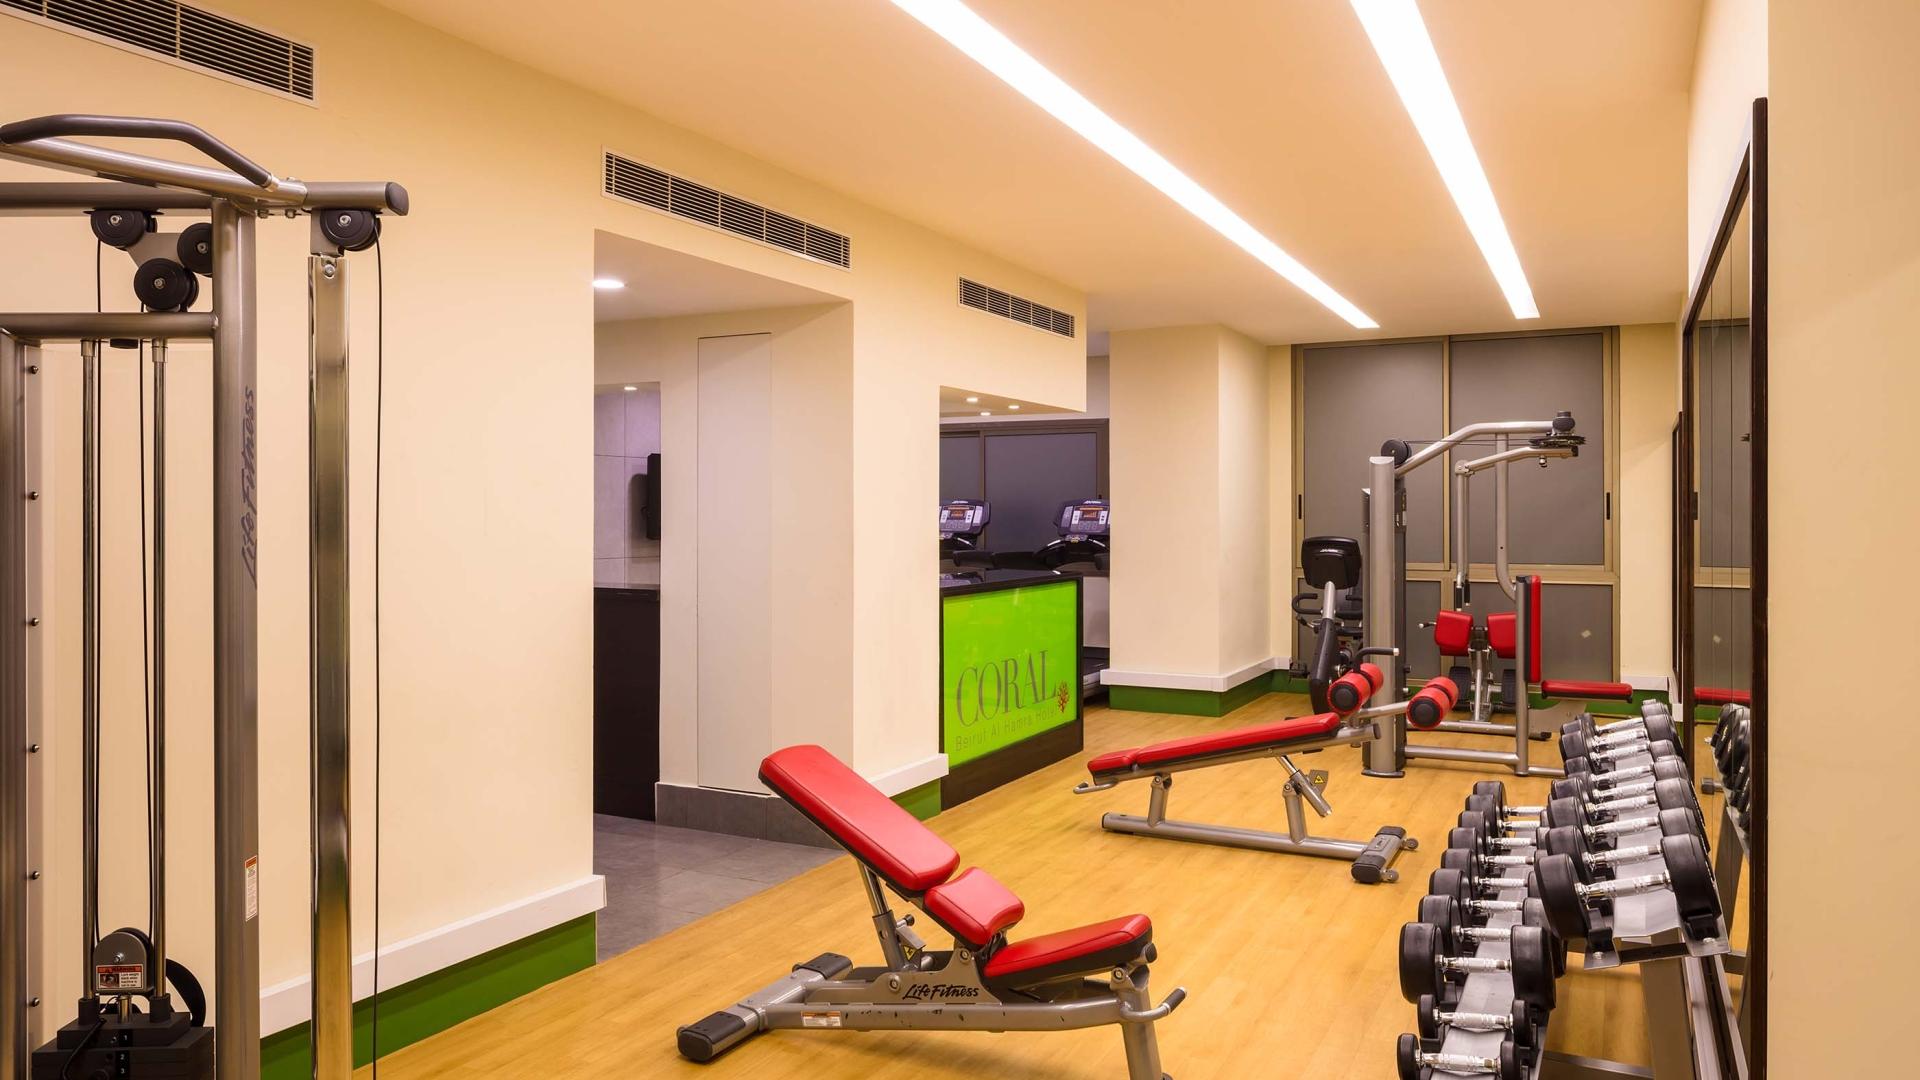 النادي الرياضي في فندق كورال بيروت الحمراء